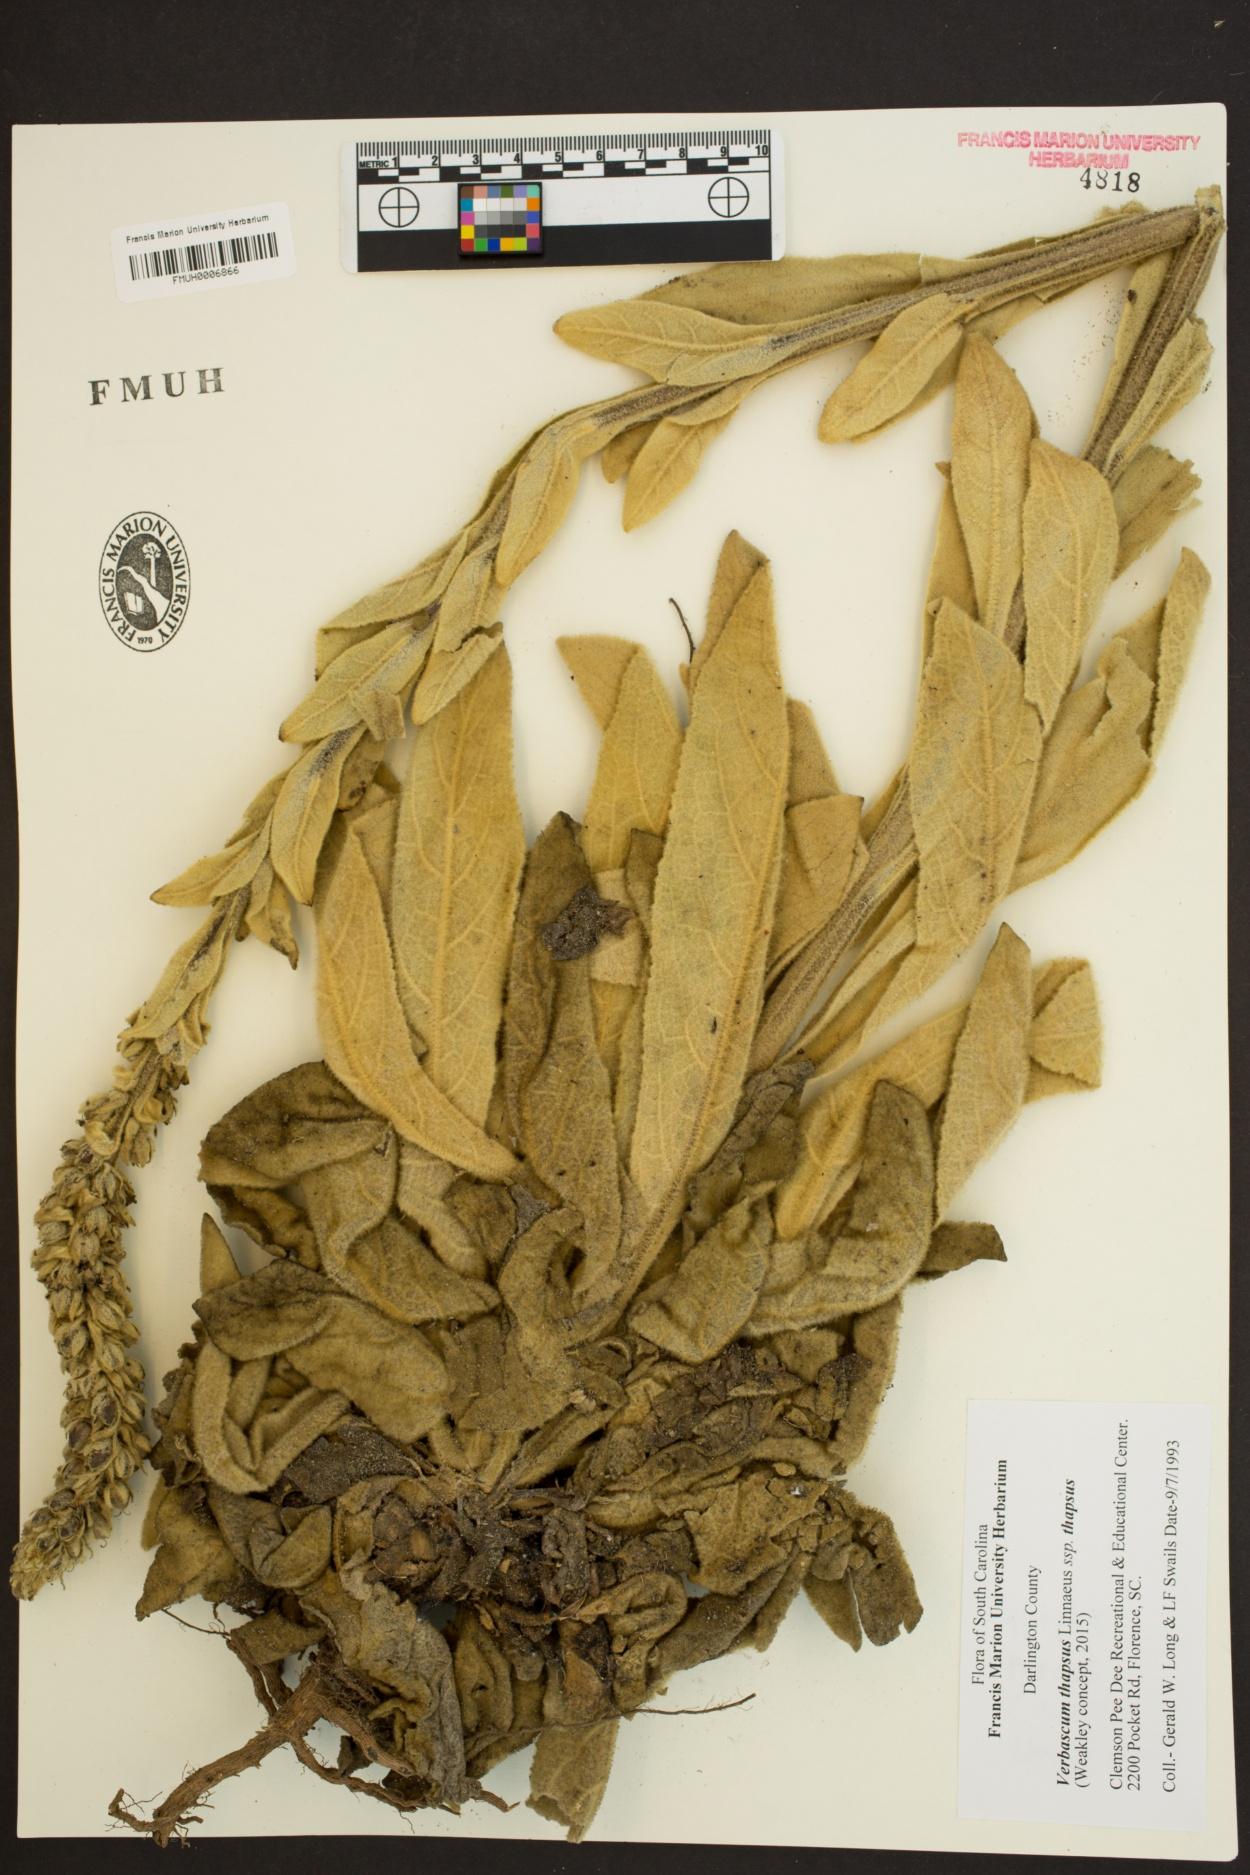 Verbascum thapsus subsp. thapsus image